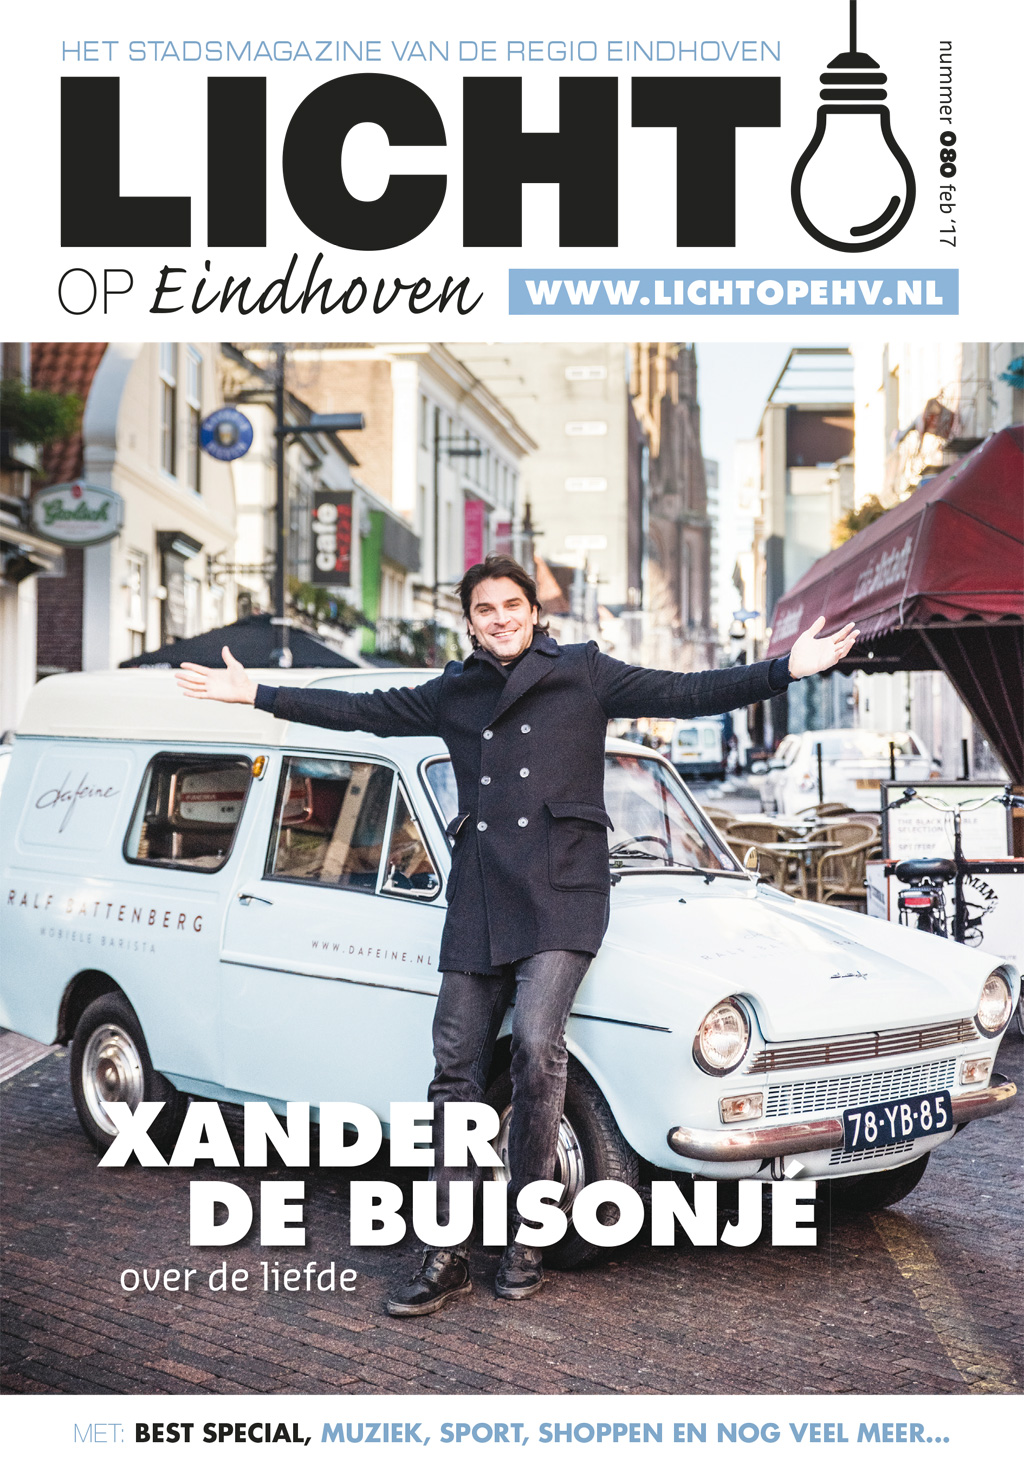 LICHT op Eindhoven - feb.'17 - Cover